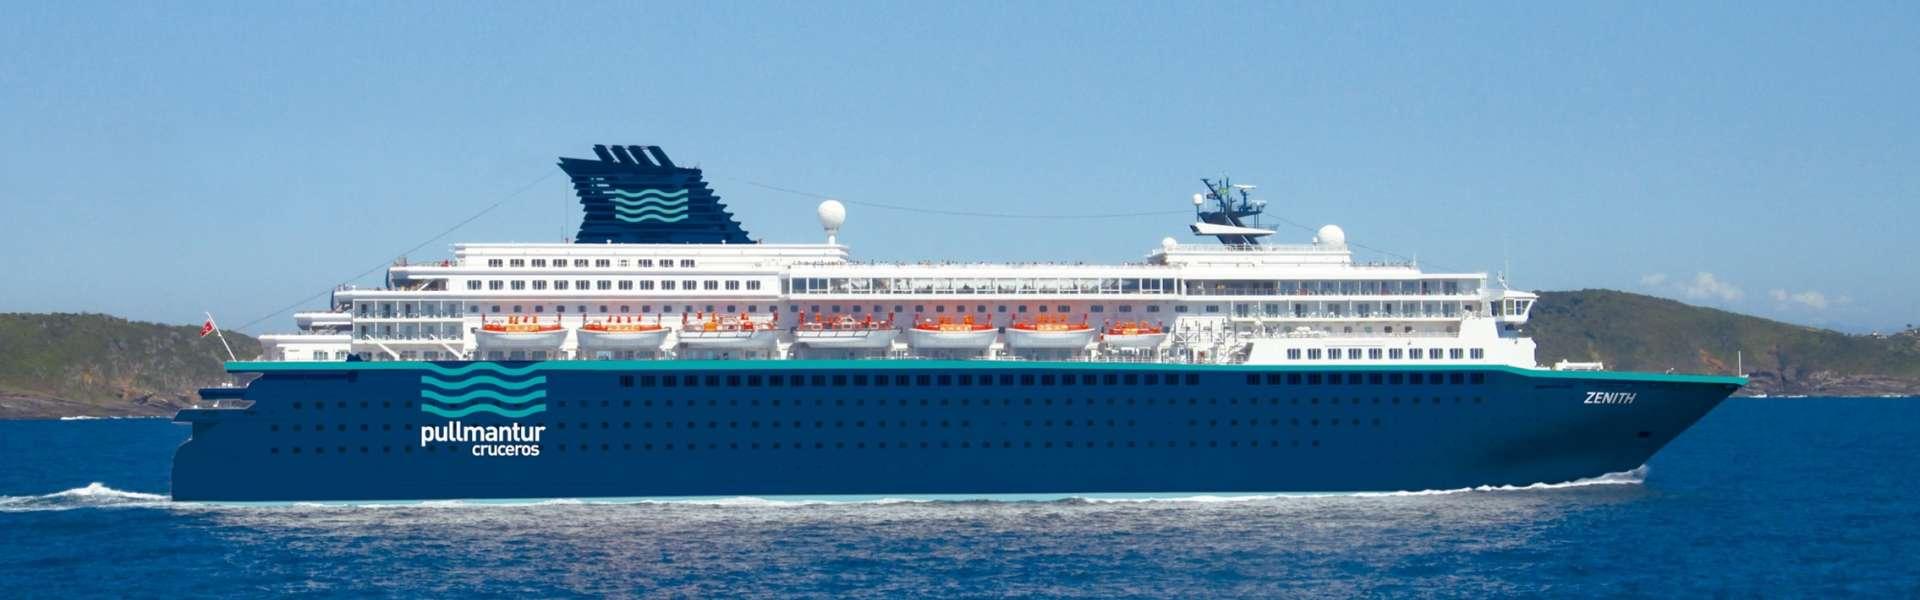 Croaziera 2018/2019 - Insulele Canare (Gran Canaria) - Pullmantur Cruises - Zenith - 7 nopti